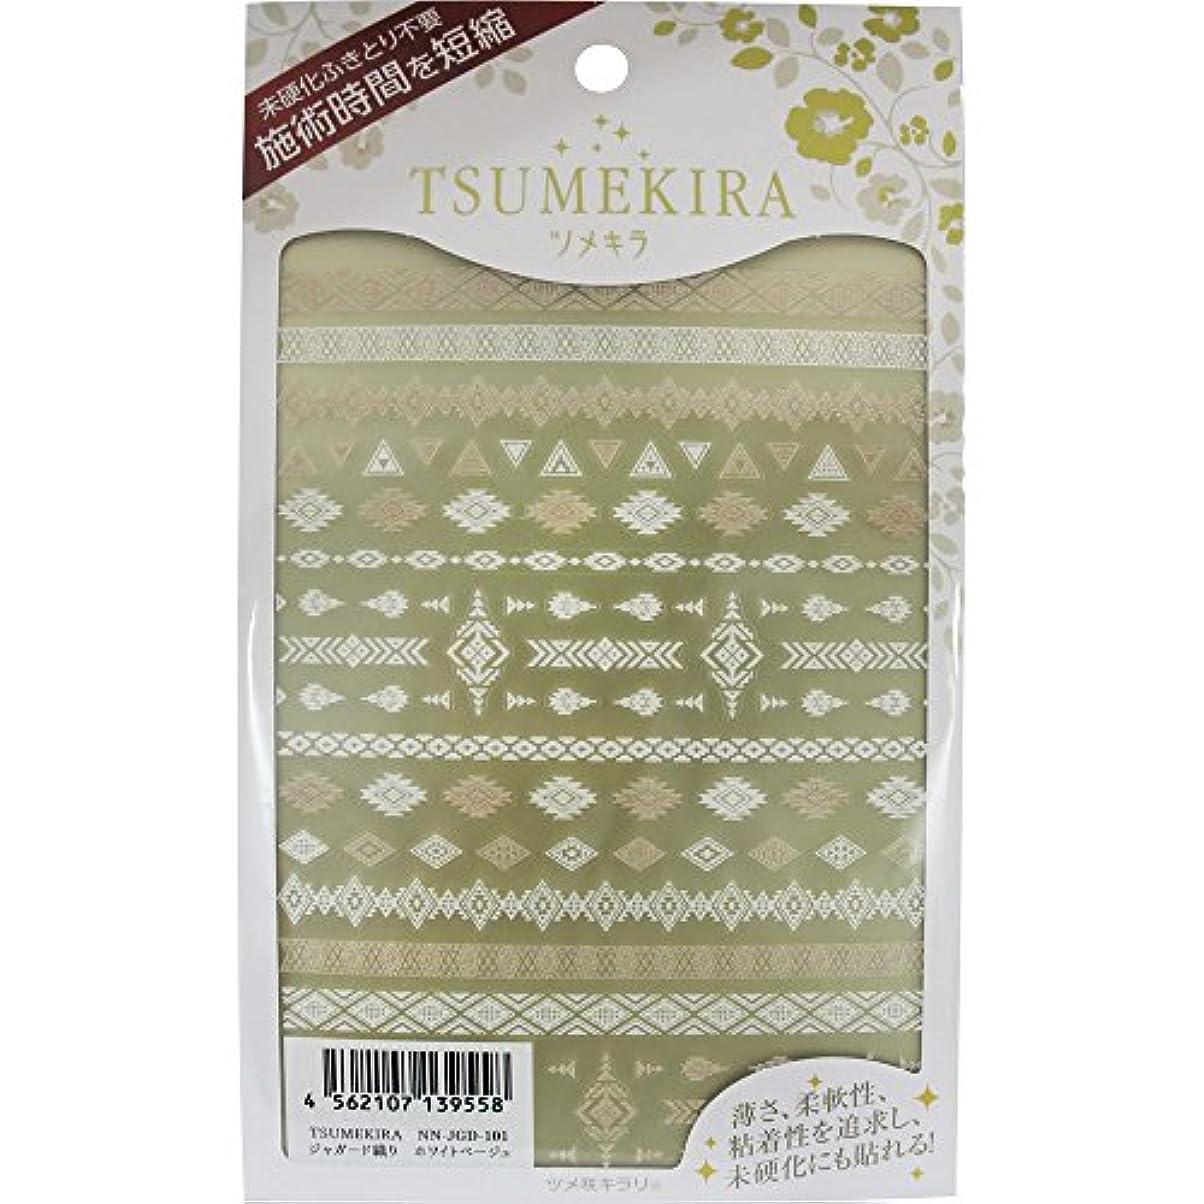 緯度廃棄する菊ツメキラ(TSUMEKIRA) ネイル用シール ジャガード織り ホワイトベージュ NN-JGD-101